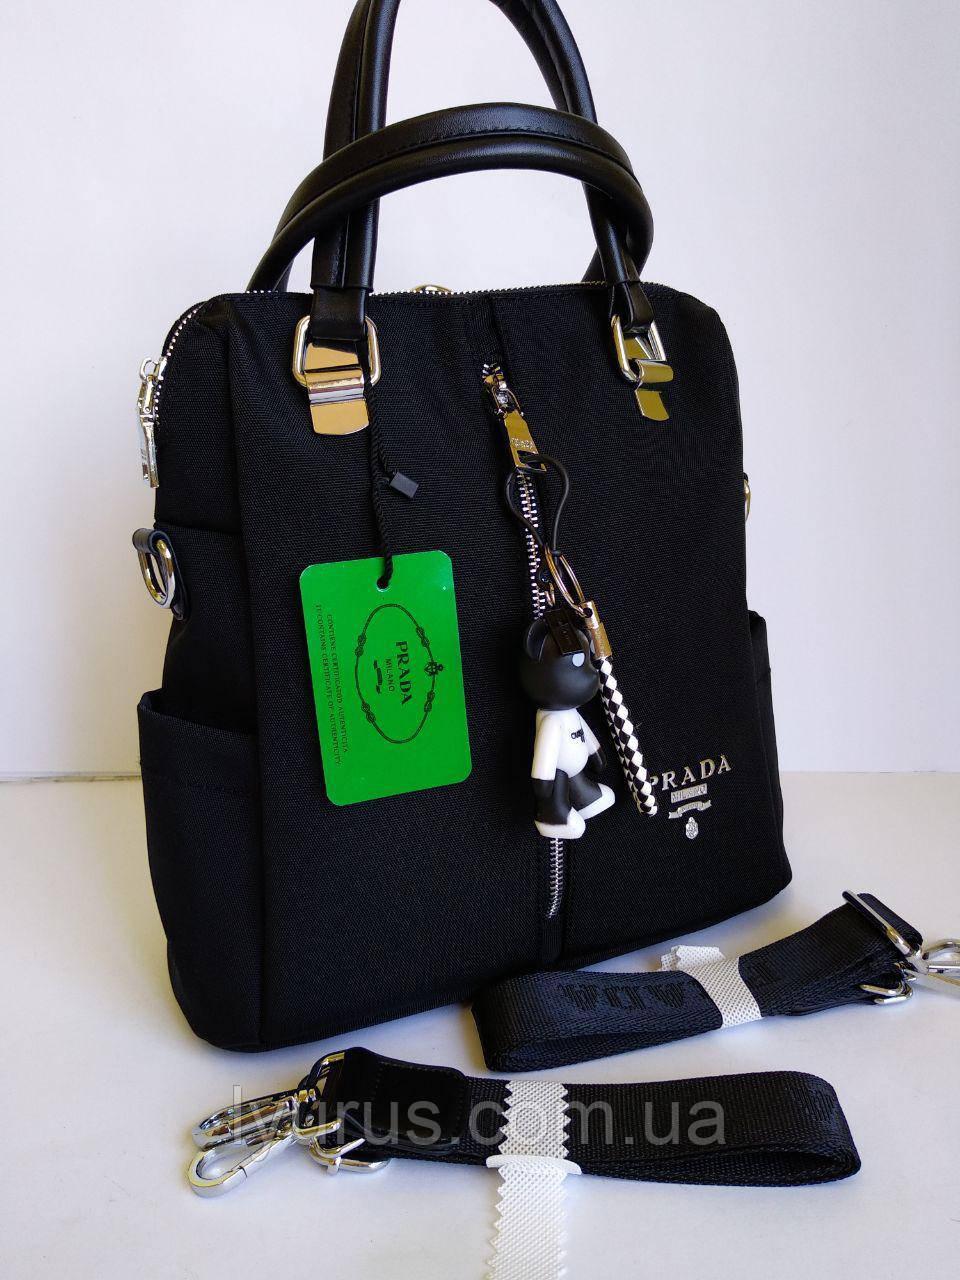 Сумка рюкзак  Prada текстиль черного цвета